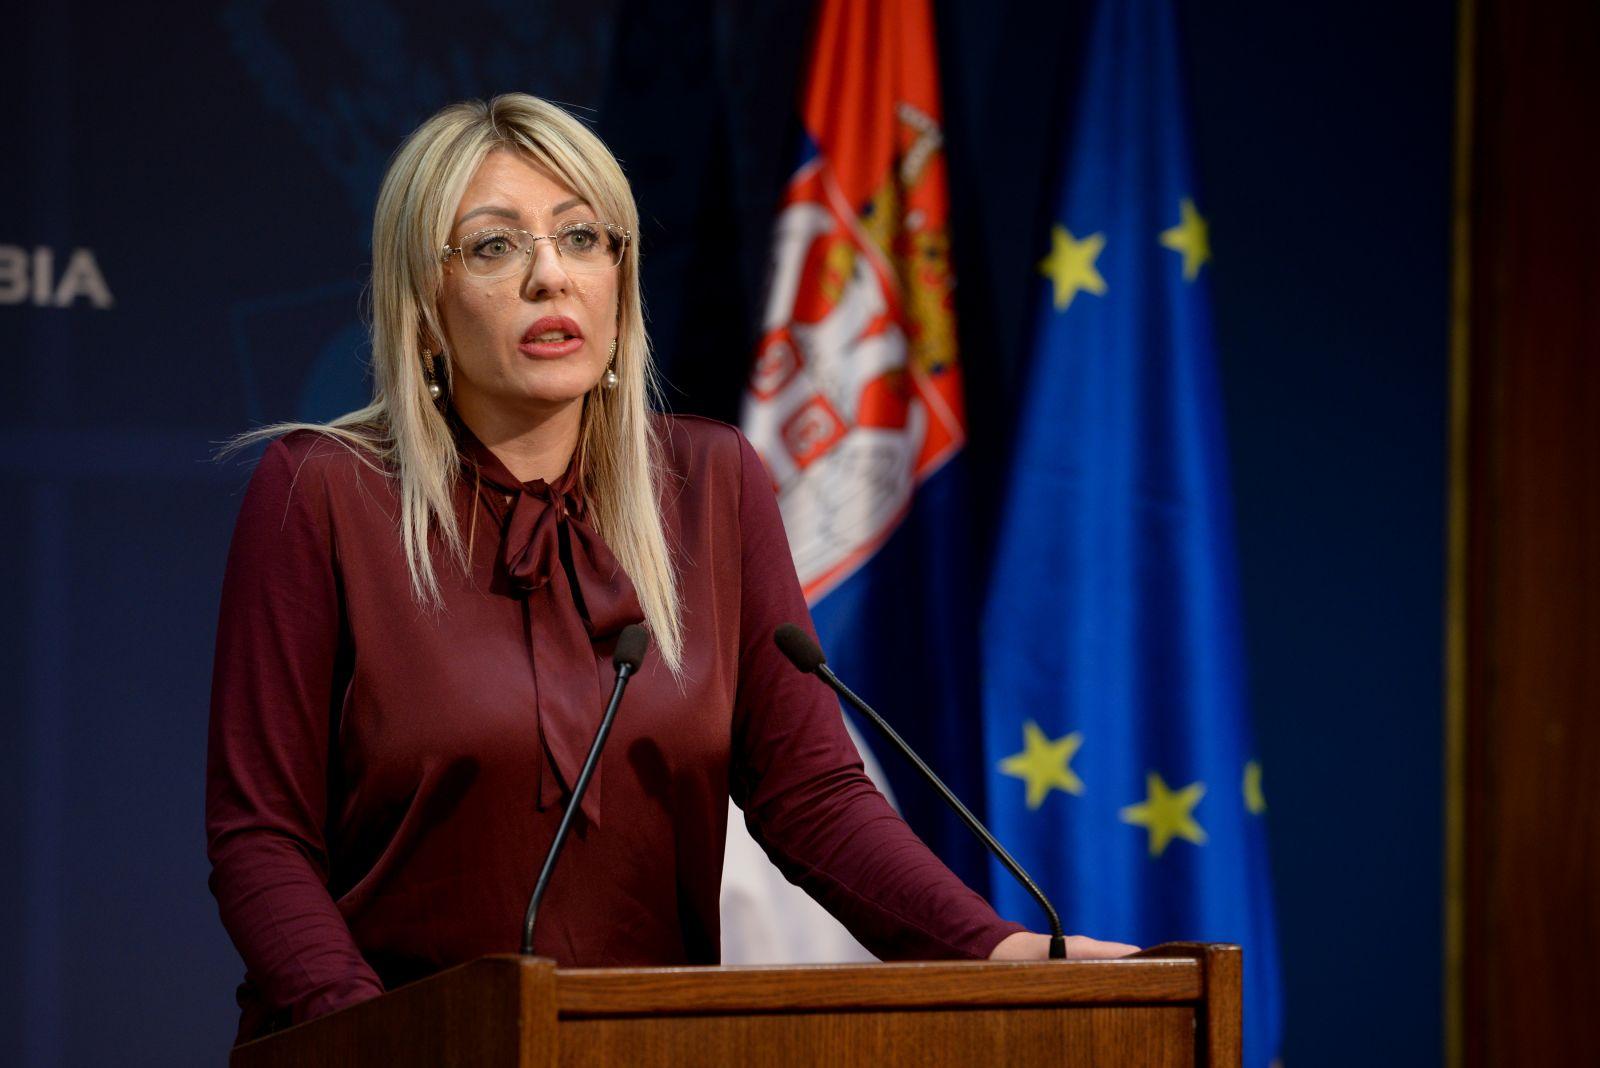 Ј. Јоксимовић: Србији од Немачке 309 милиона евра развојне помоћи